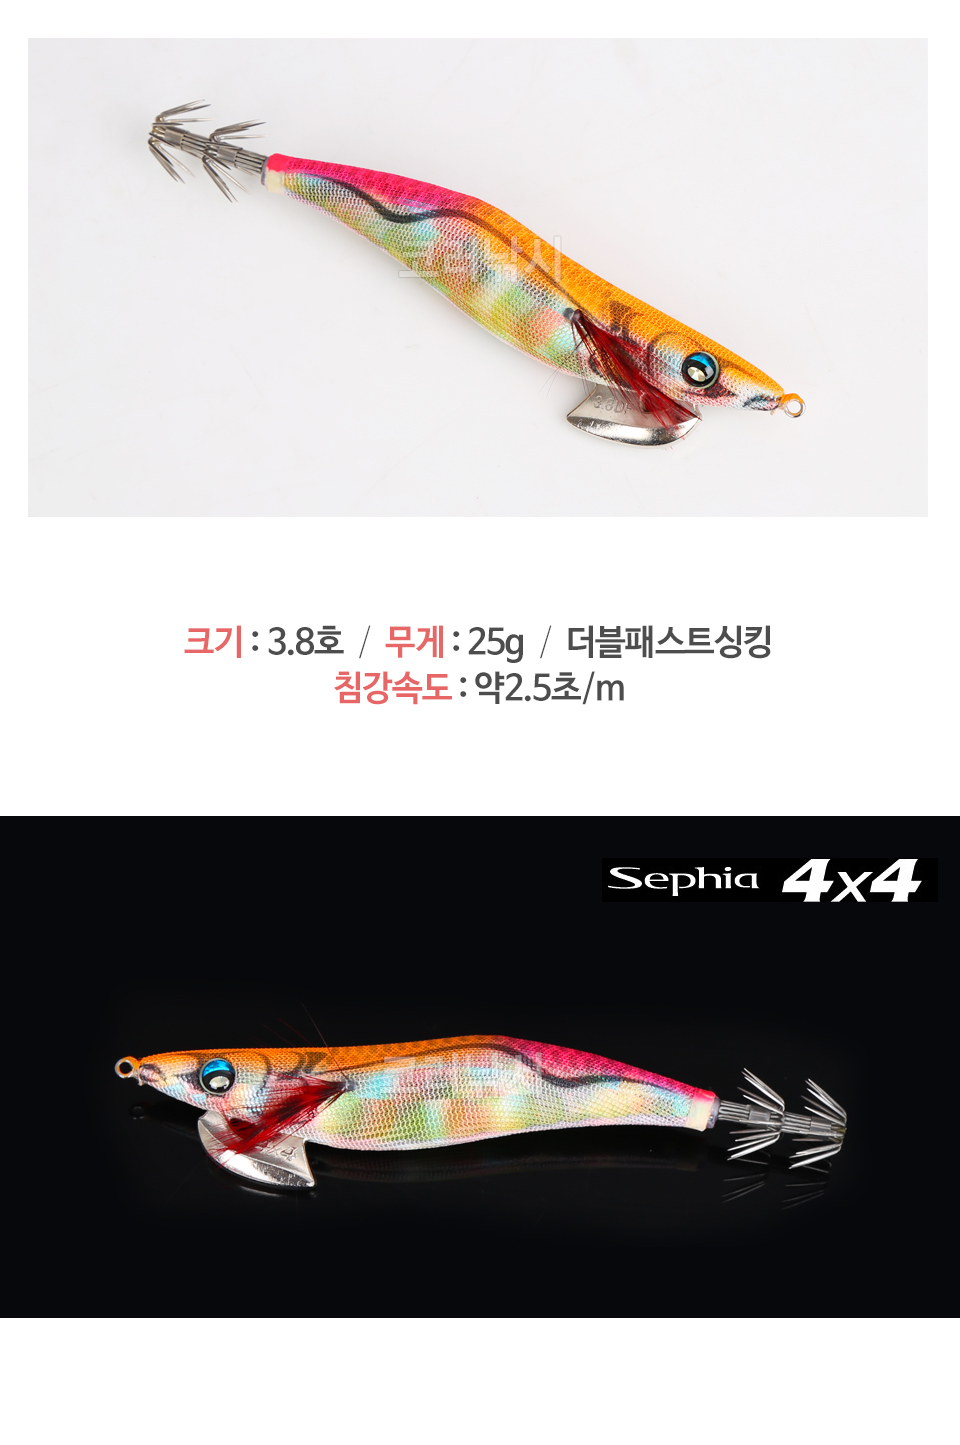 시마노 세피아 4x4 폴래틀 3.8호 25g (QE-387N) [더블패스트싱킹래틀(DFR) 약2.5초/m] 시마노에기 세피아에기 래틀에기 장타에기 어필에기 무늬오징어 에깅 블루아이